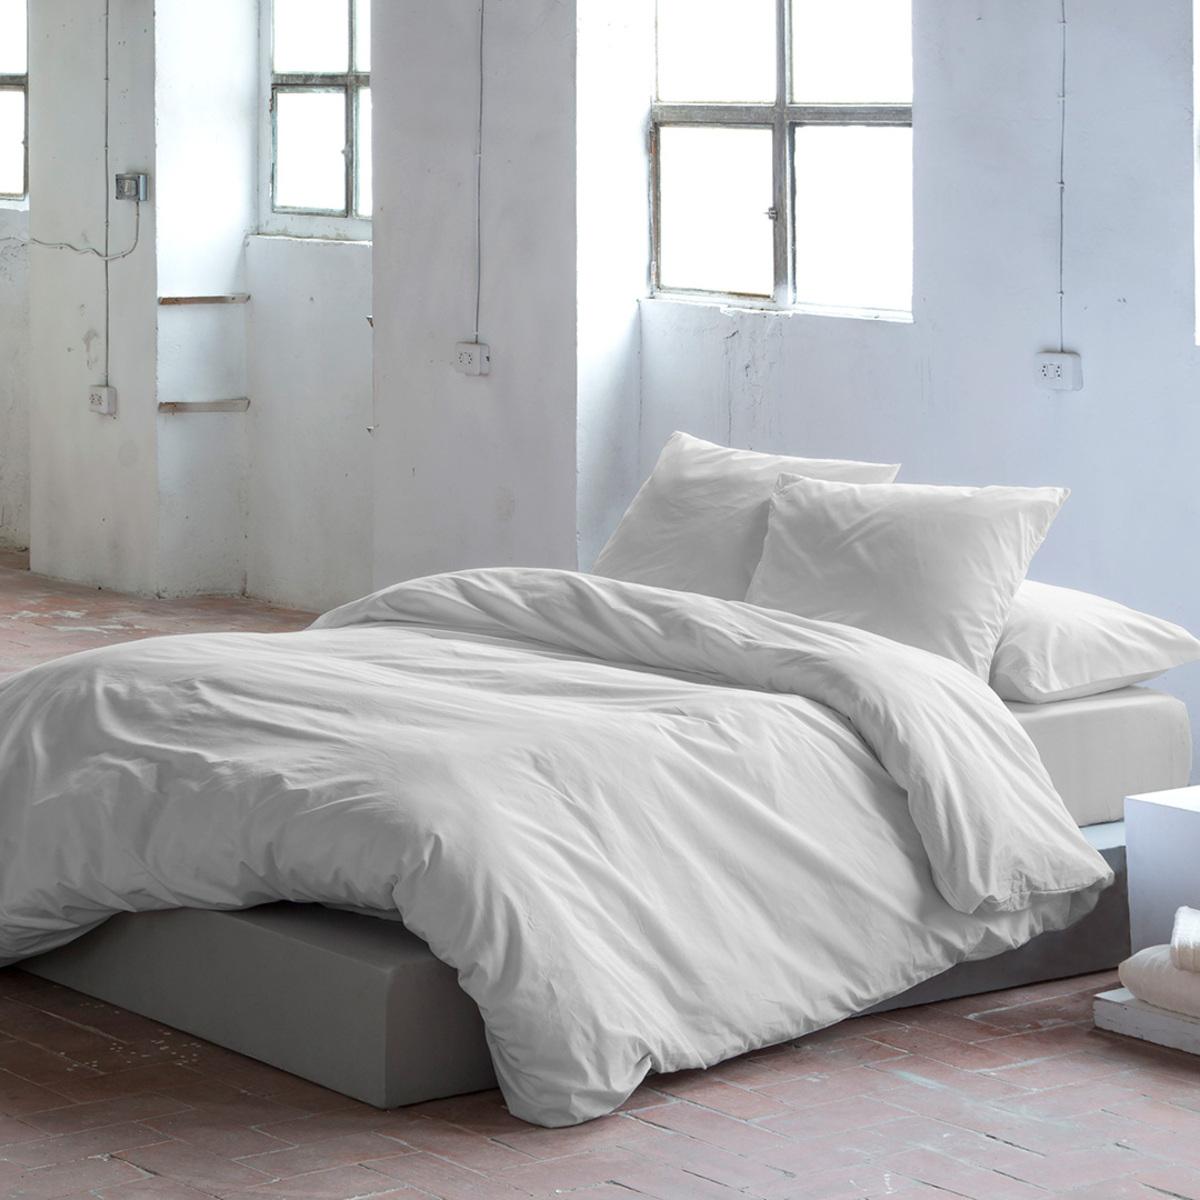 Housse de couette en coton gris 200x200 cm